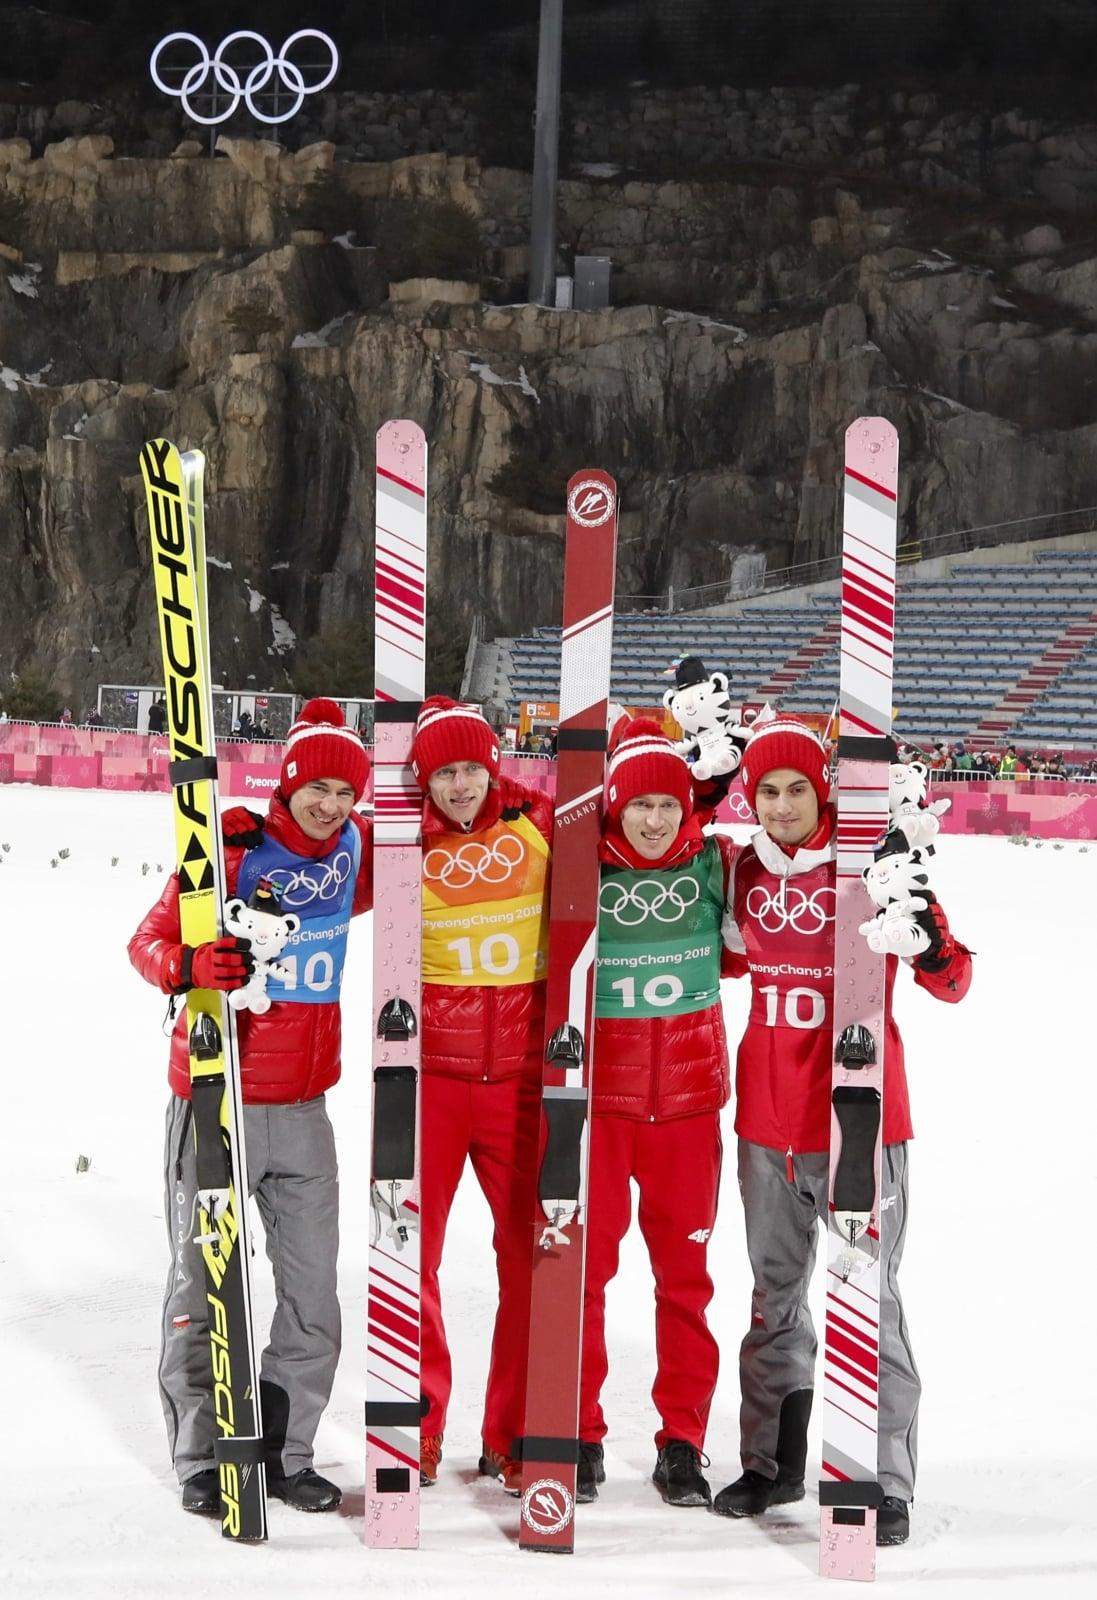 Polscy skoczkowie z brązowym medalem Igrzysk Olimpijskich. fot. EPA/DIEGO AZUBEL